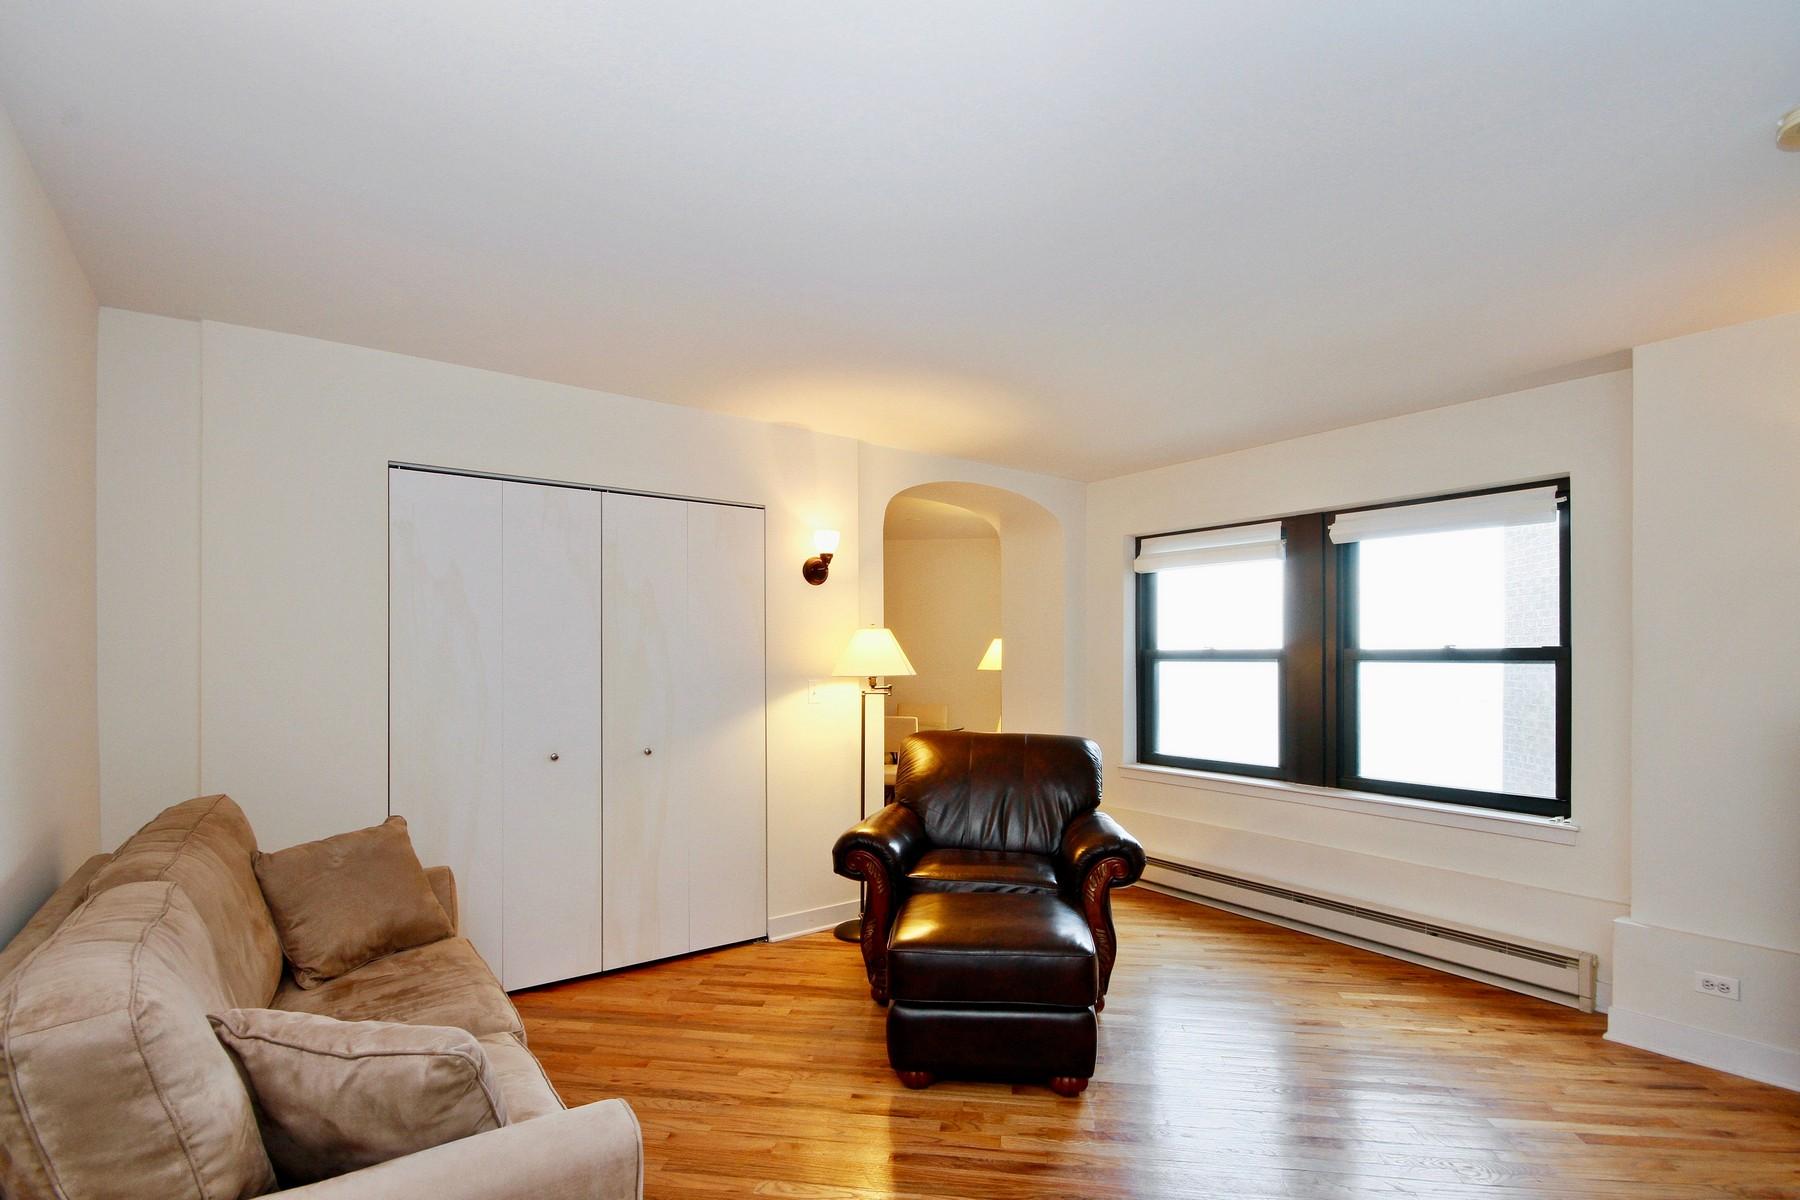 Condomínio para Venda às FANTASTIC GOLD COAST ONE BEDROOM 1400 N Lake Shore Drive Unit 21C Near North Side, Chicago, Illinois, 60610 Estados Unidos